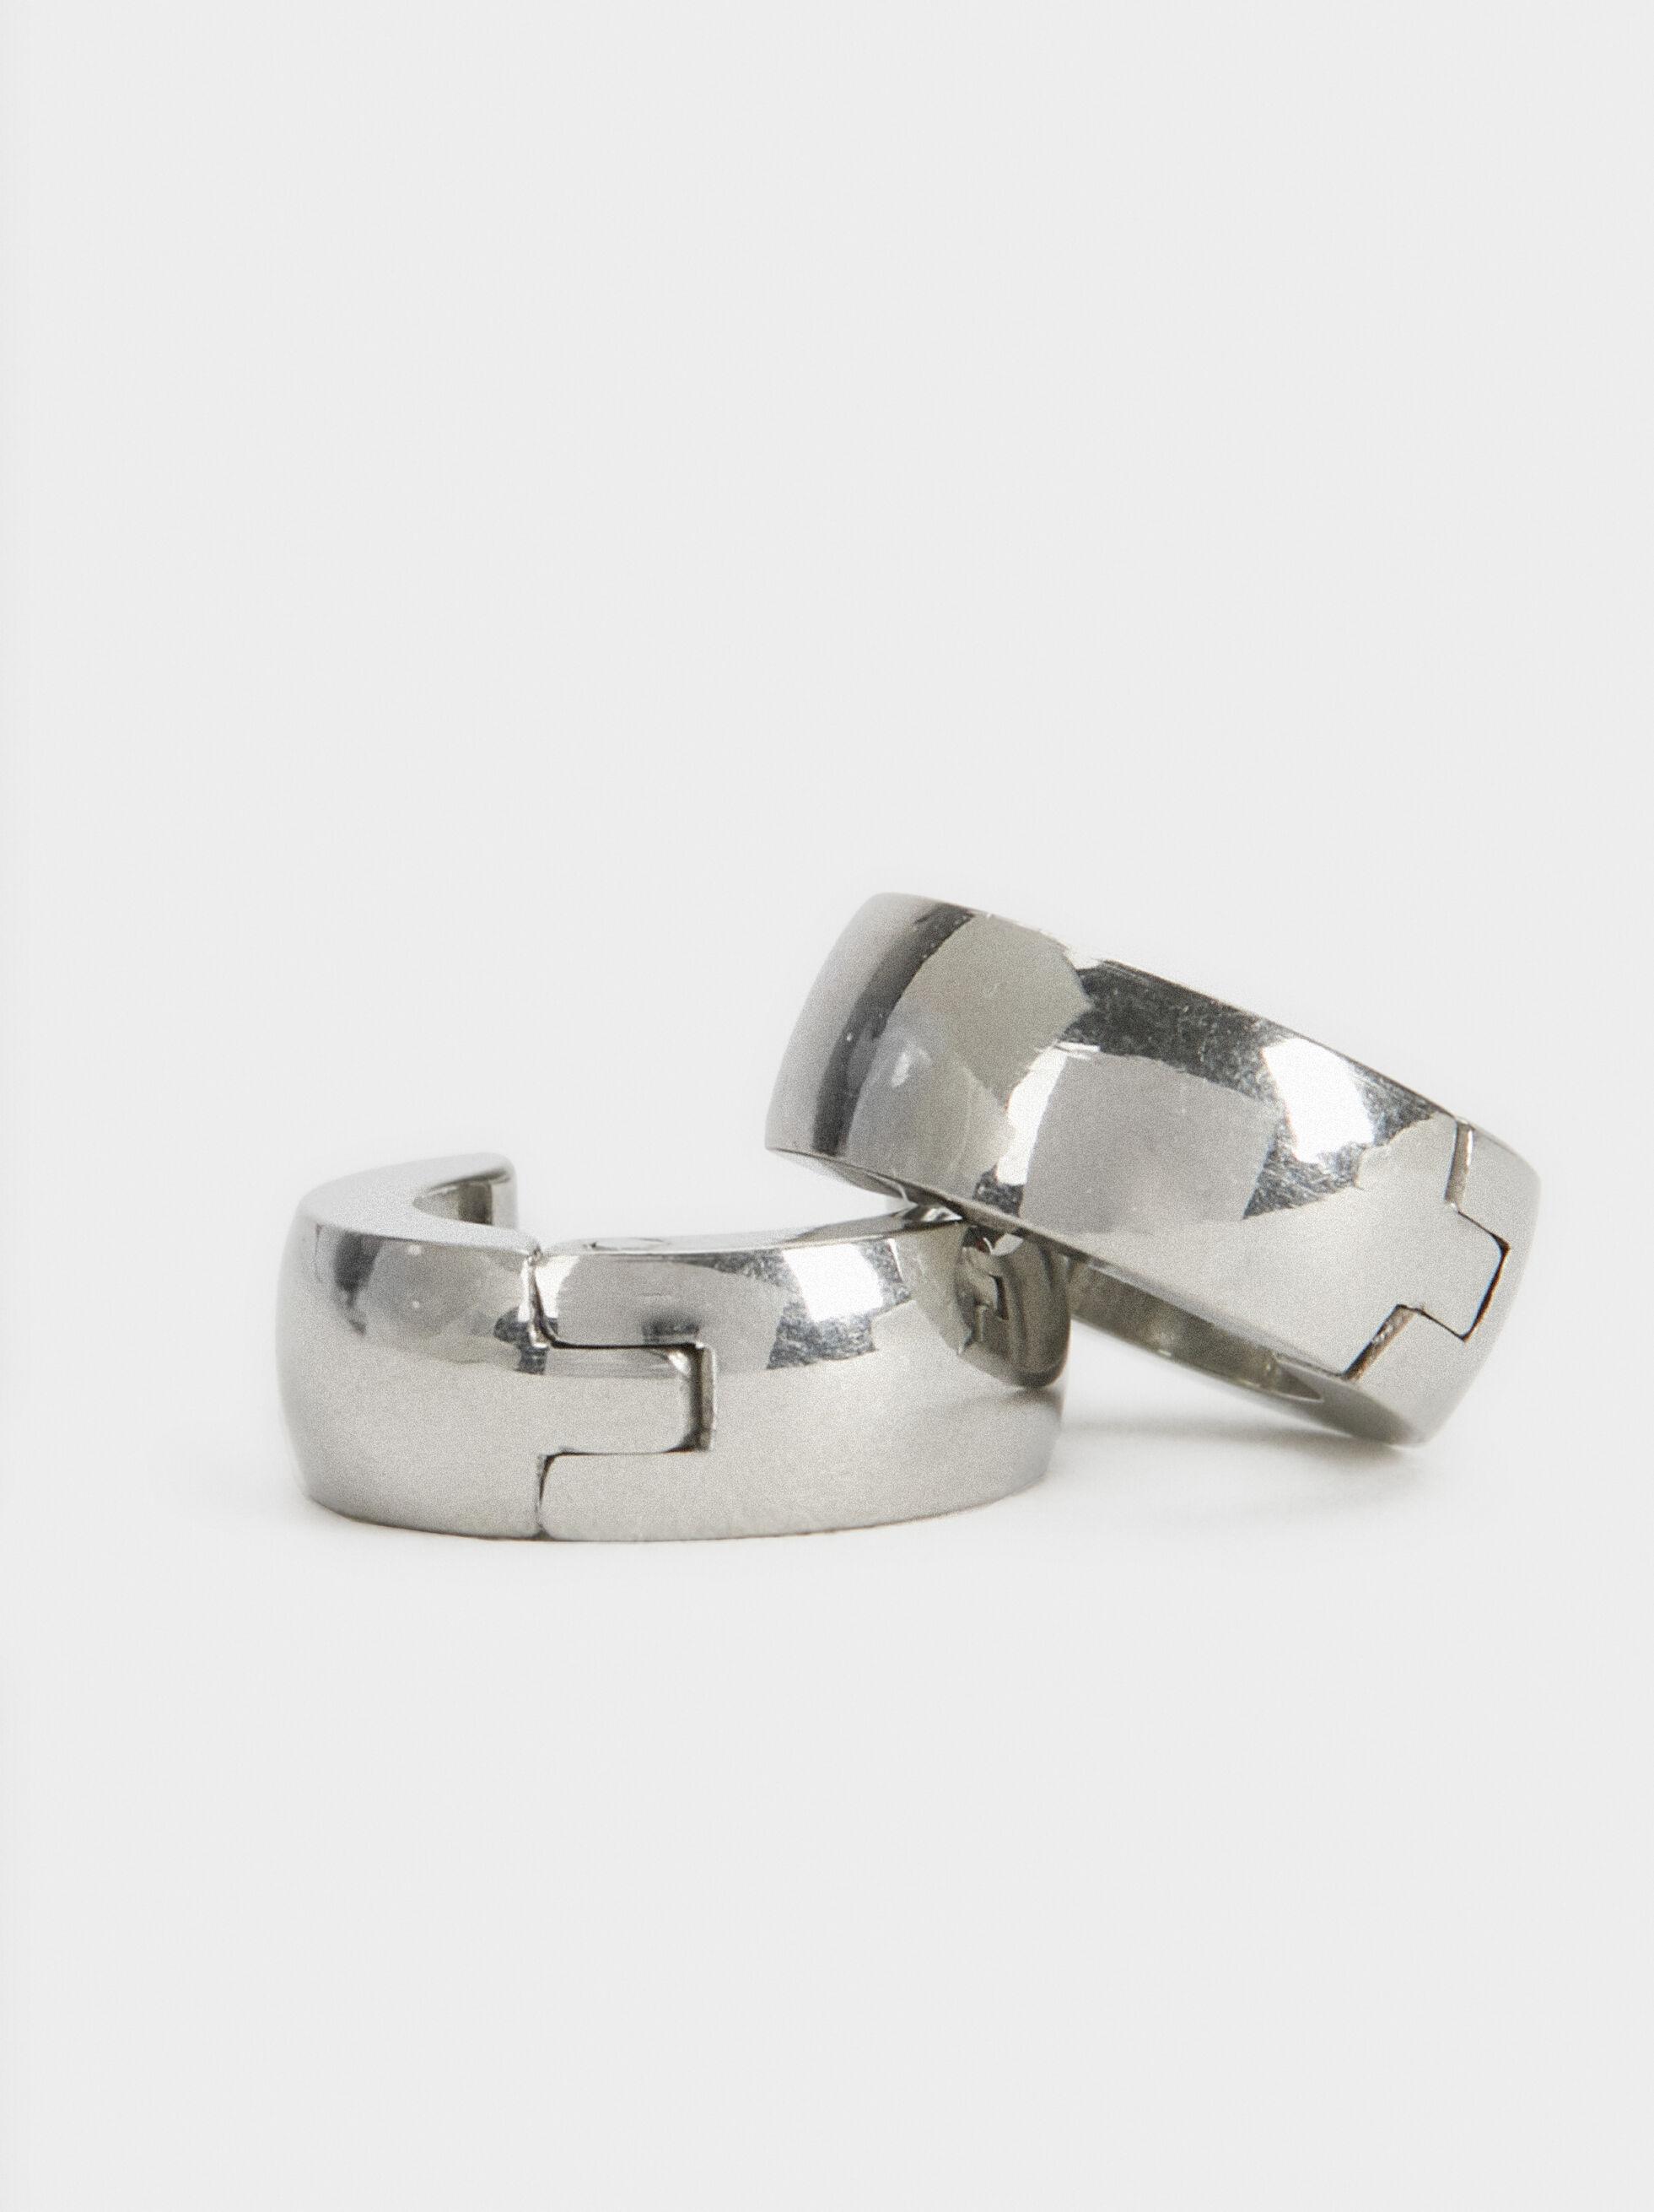 Stainless Steel Hoop-Earrings, Silver, hi-res